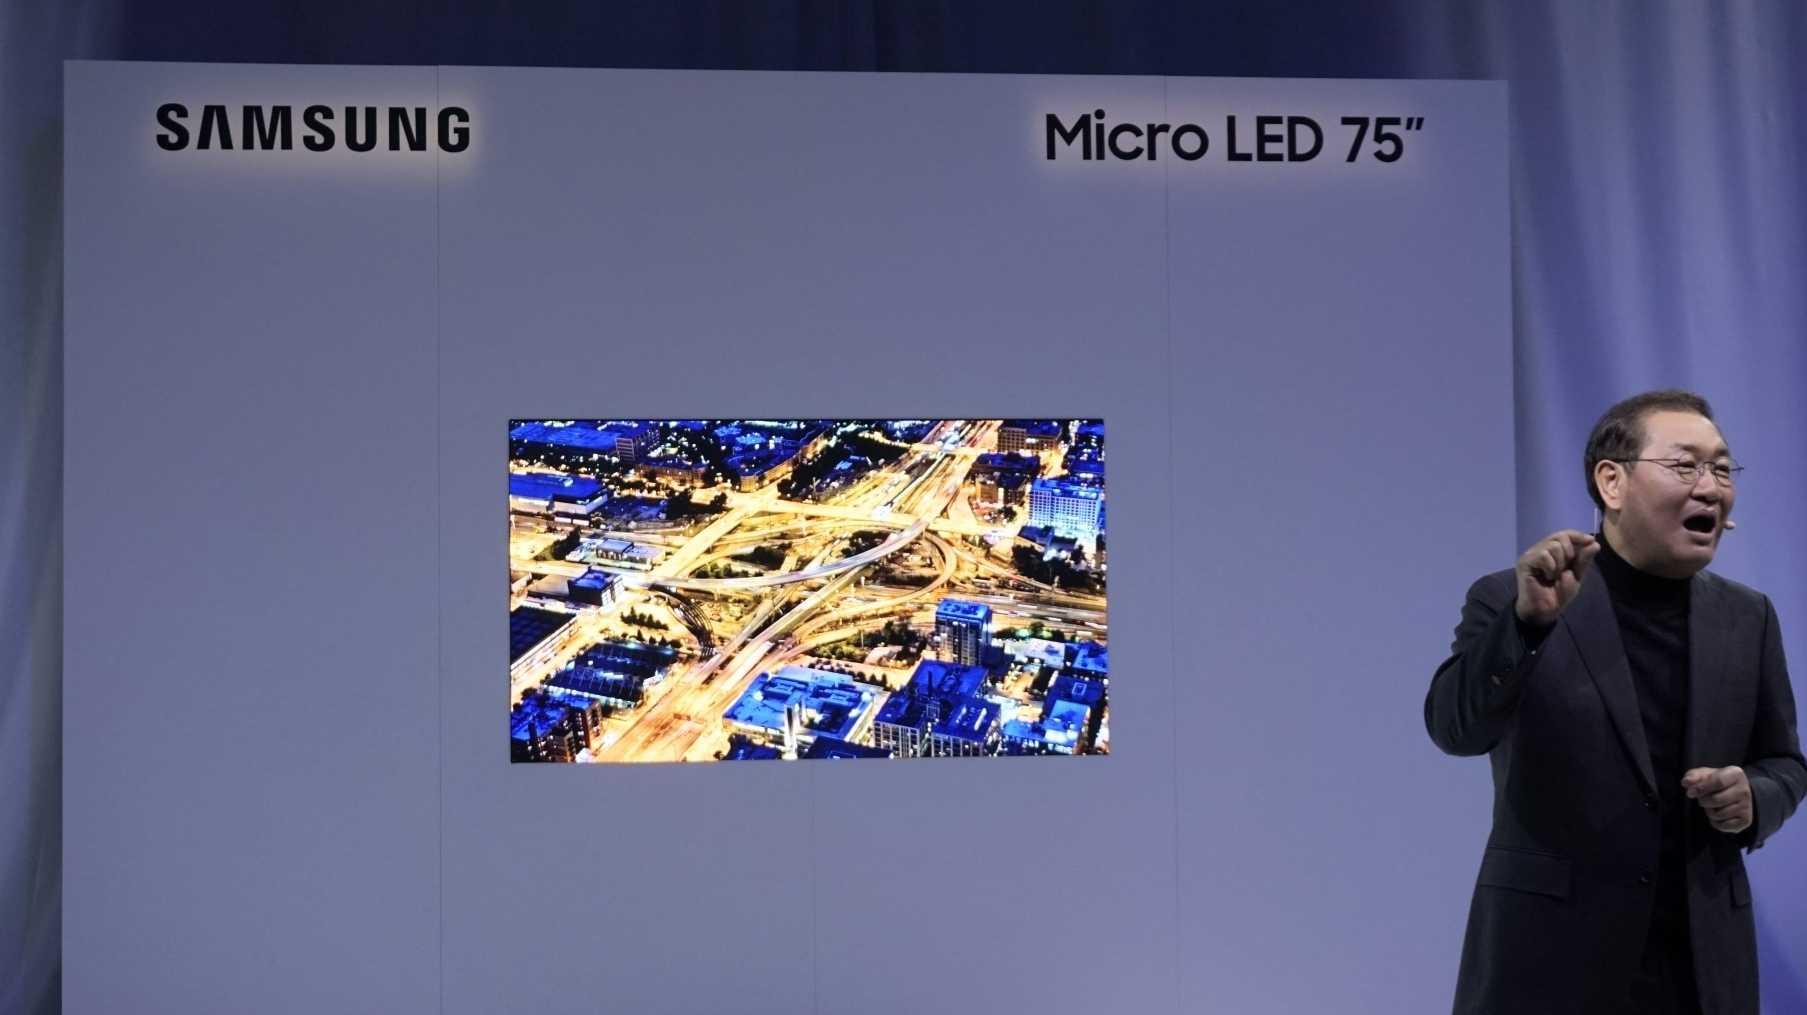 Samsung setzt weiter auf Mikro-LEDs und zeigt ein Display aus 8 Millionen Leuchtdioden